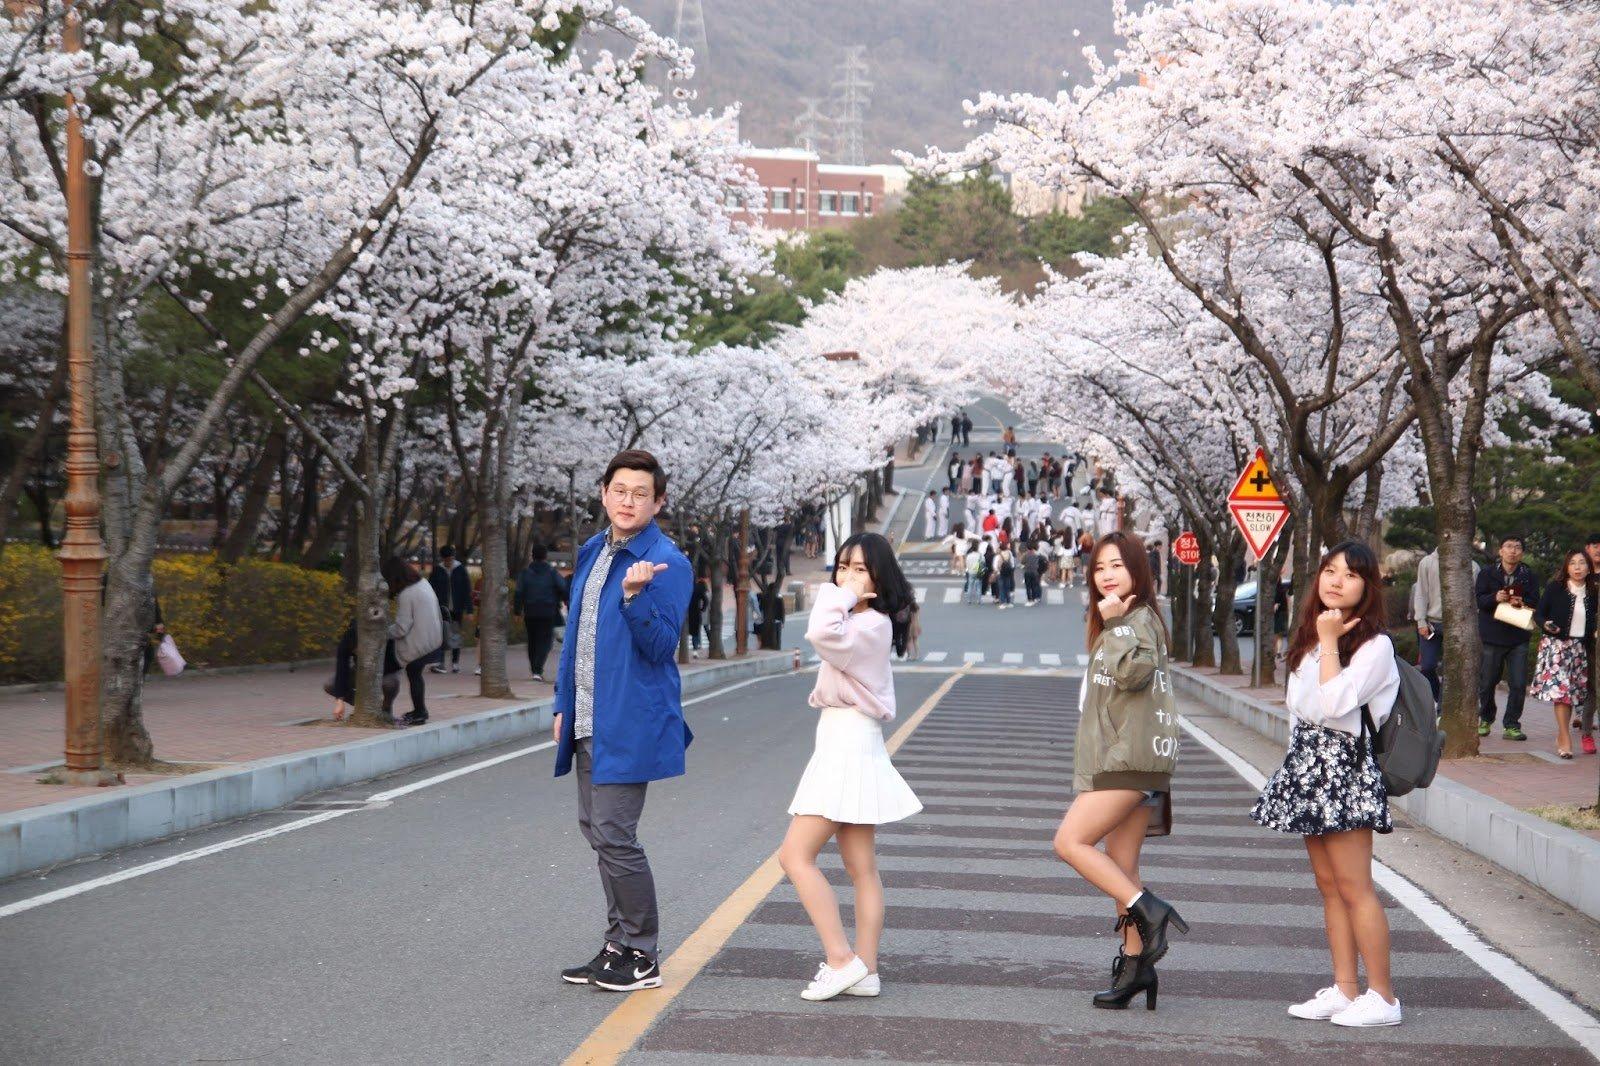 Đại học Daegu rất thu hút sinh viên quốc tế